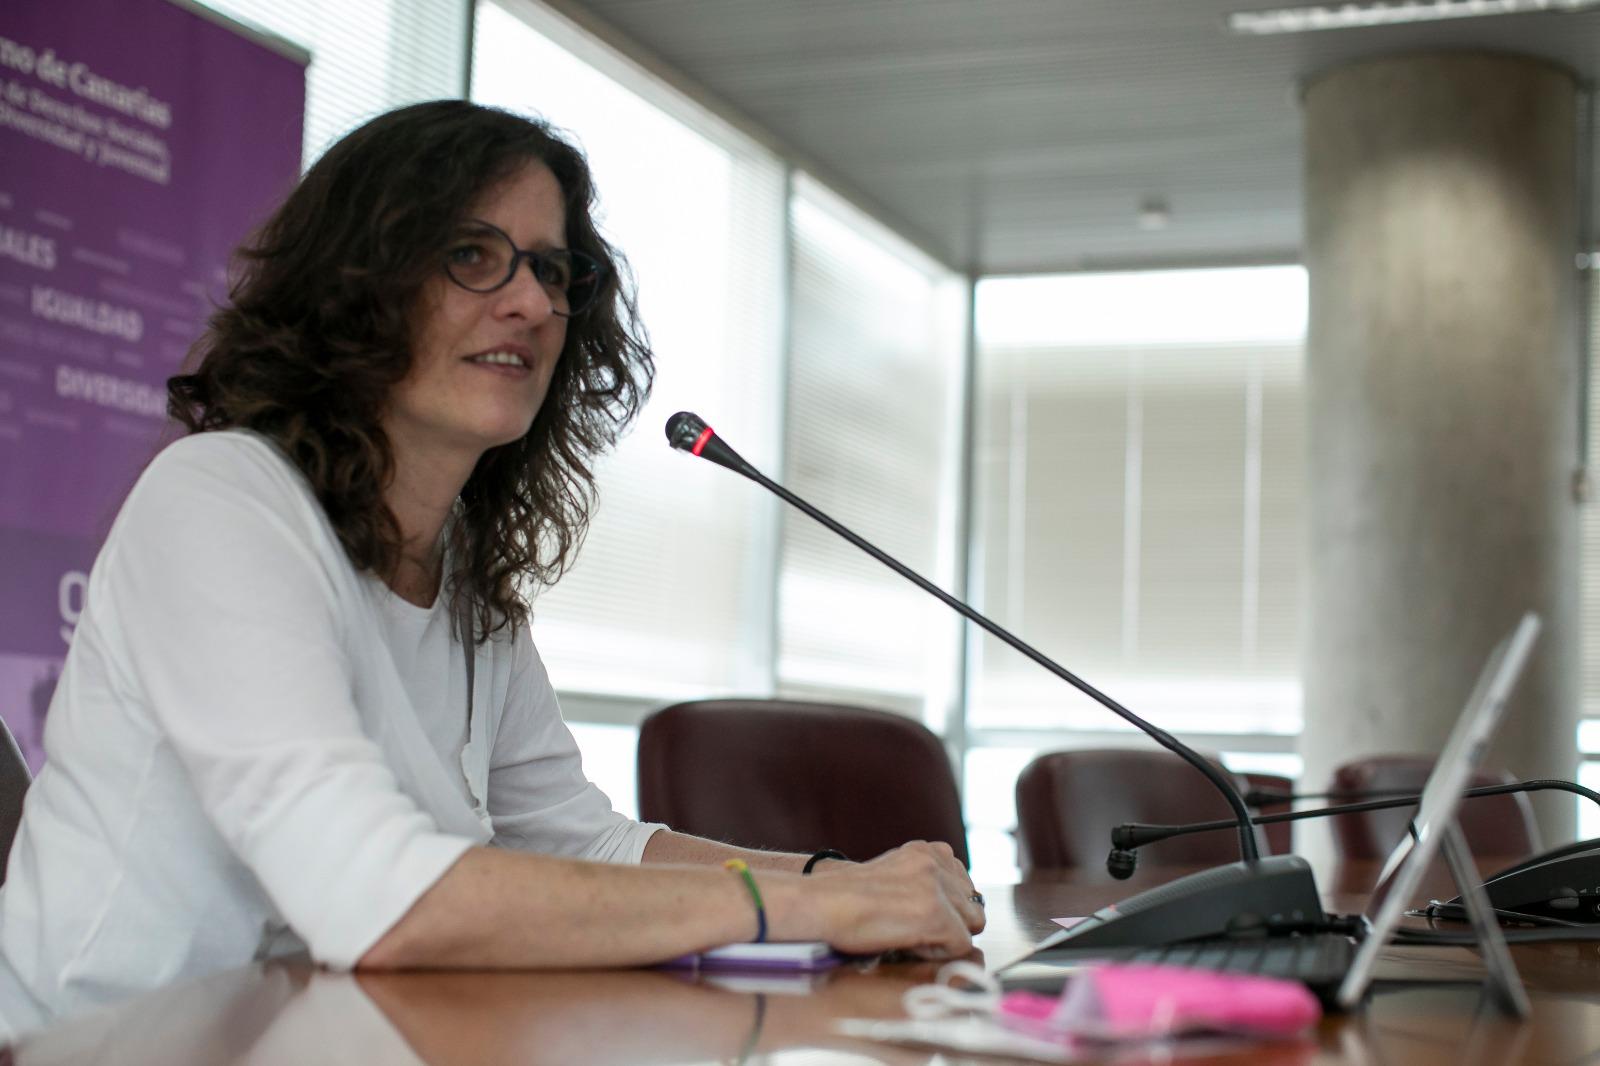 El ICI elabora un diagnóstico sobre las percepciones y actitudes de la juventud ante la violencia de género